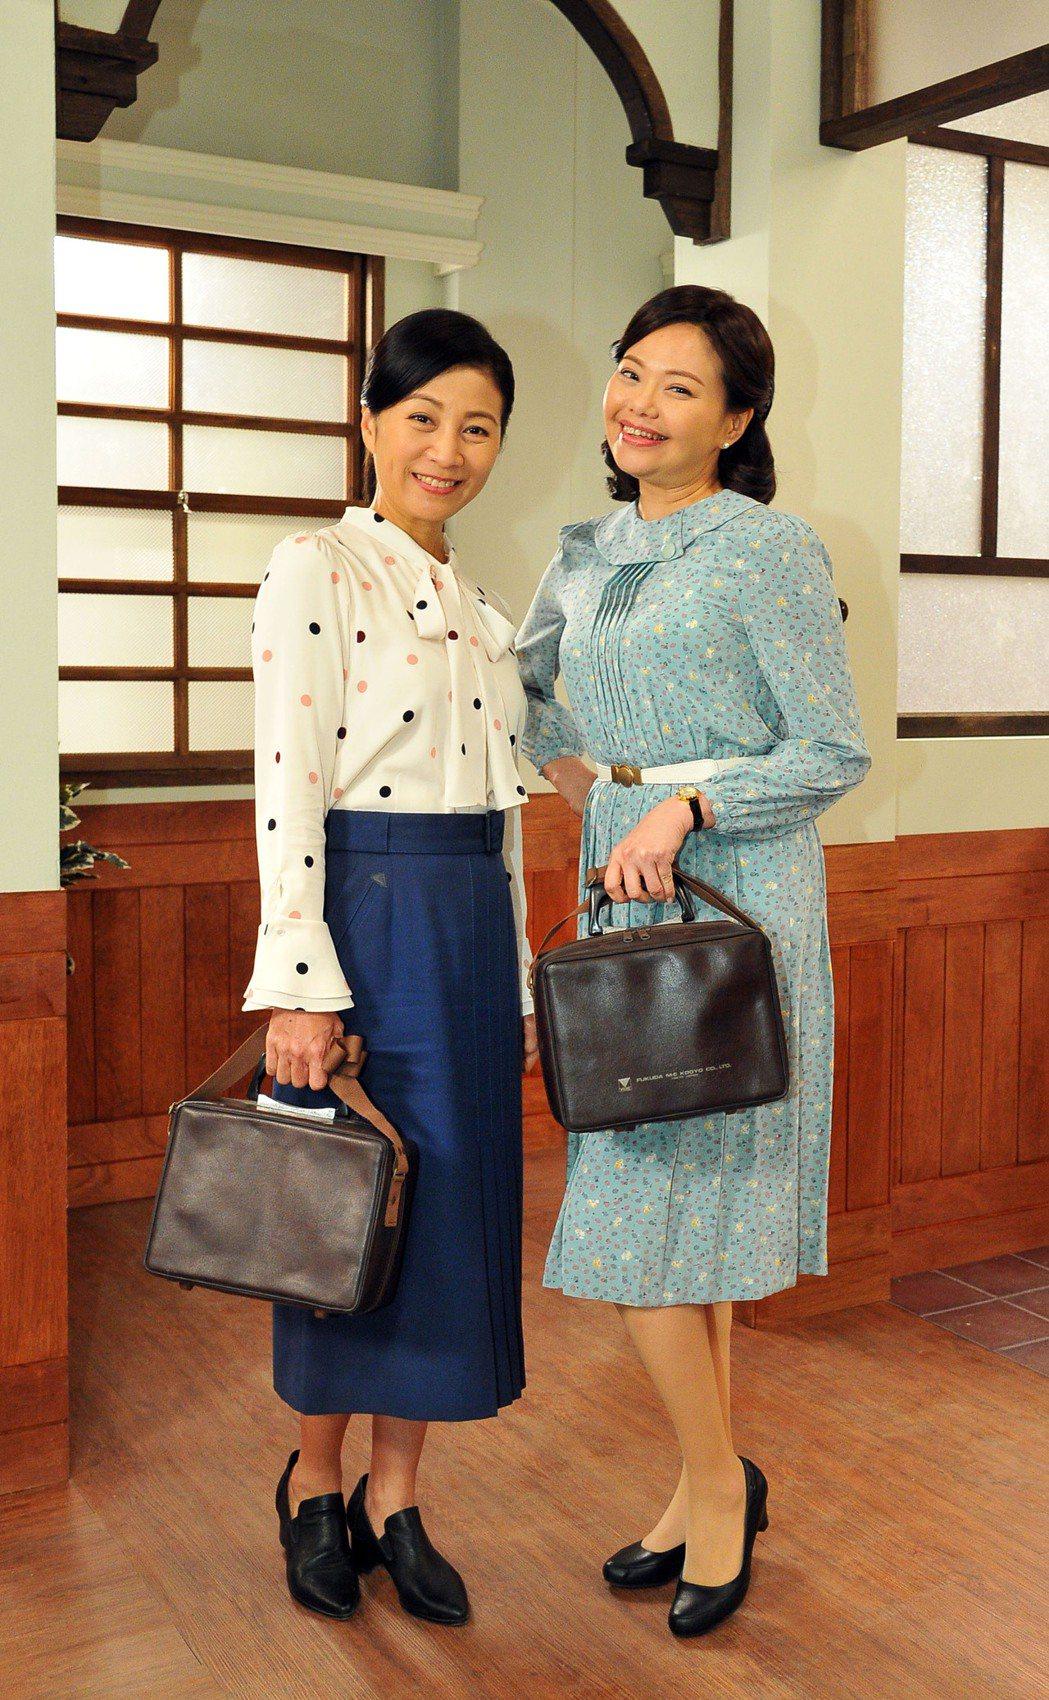 方文琳(左)、林嘉俐在「生生世世」戲中飾演助產士。圖/台視提供